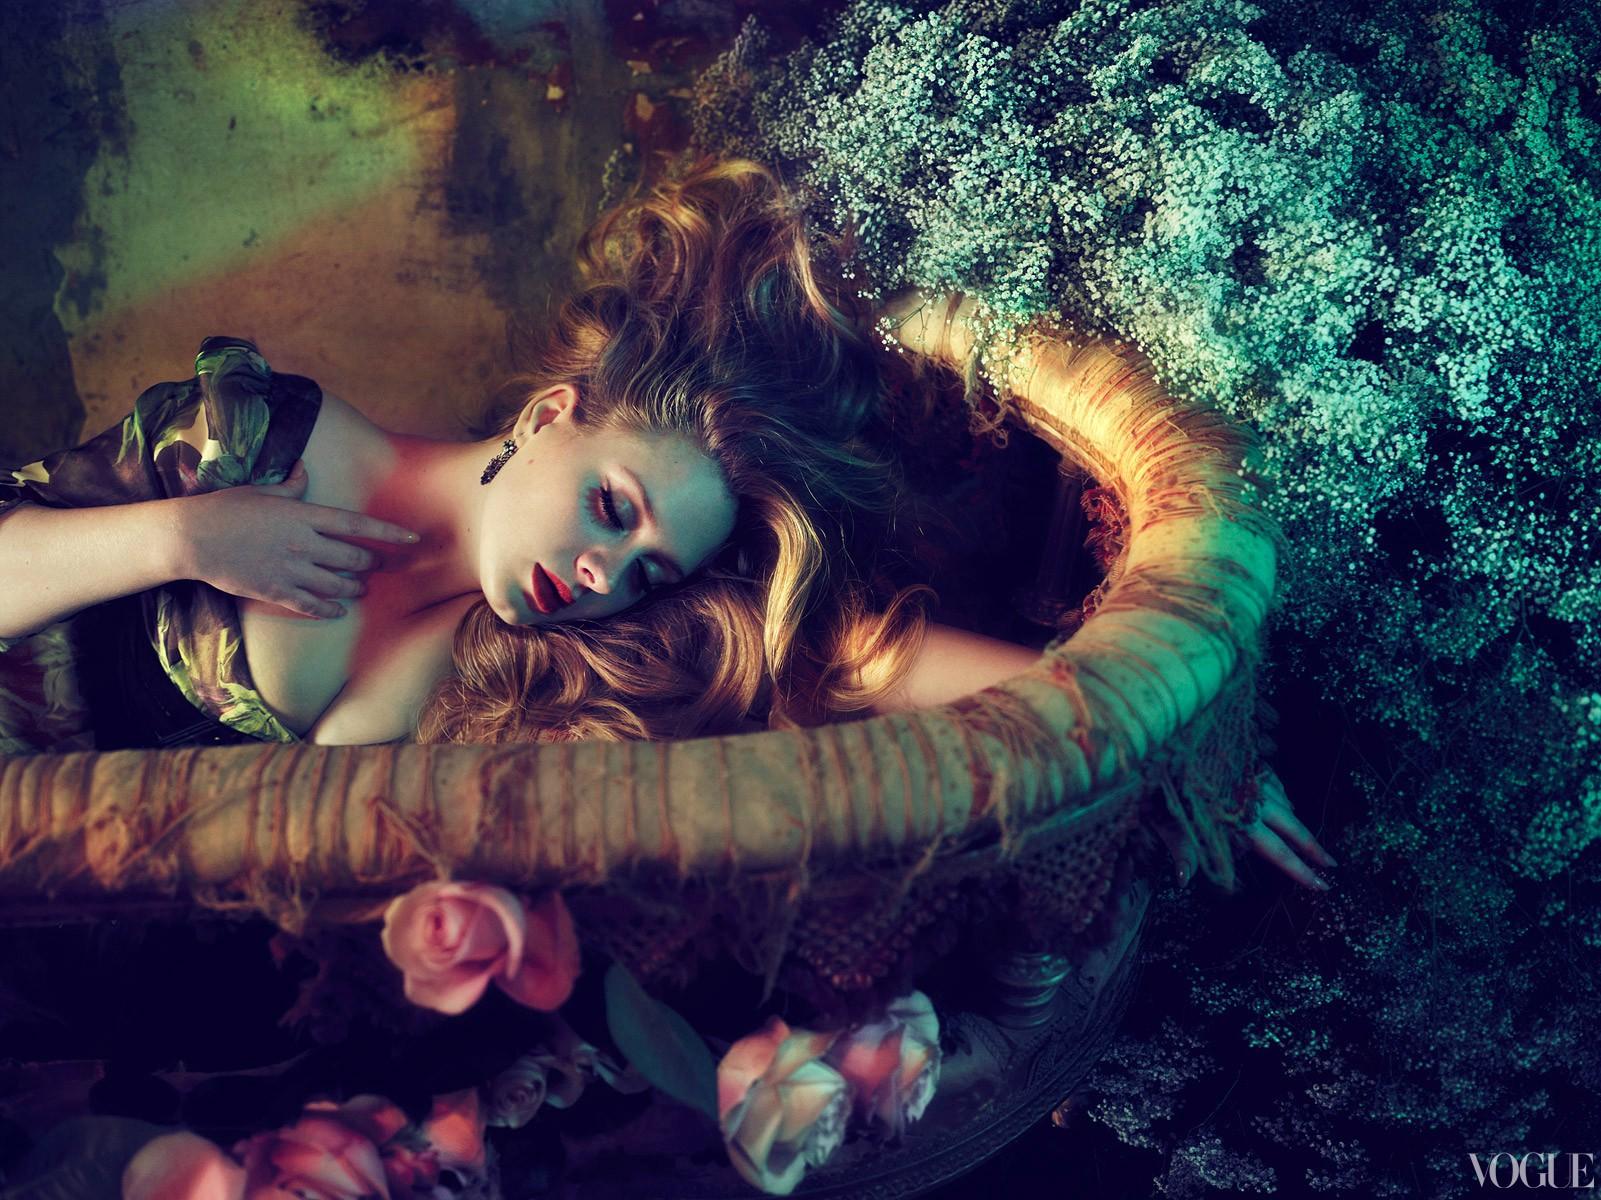 Adele HD Wallpaper for Imgur   Album on Imgur 1601x1200